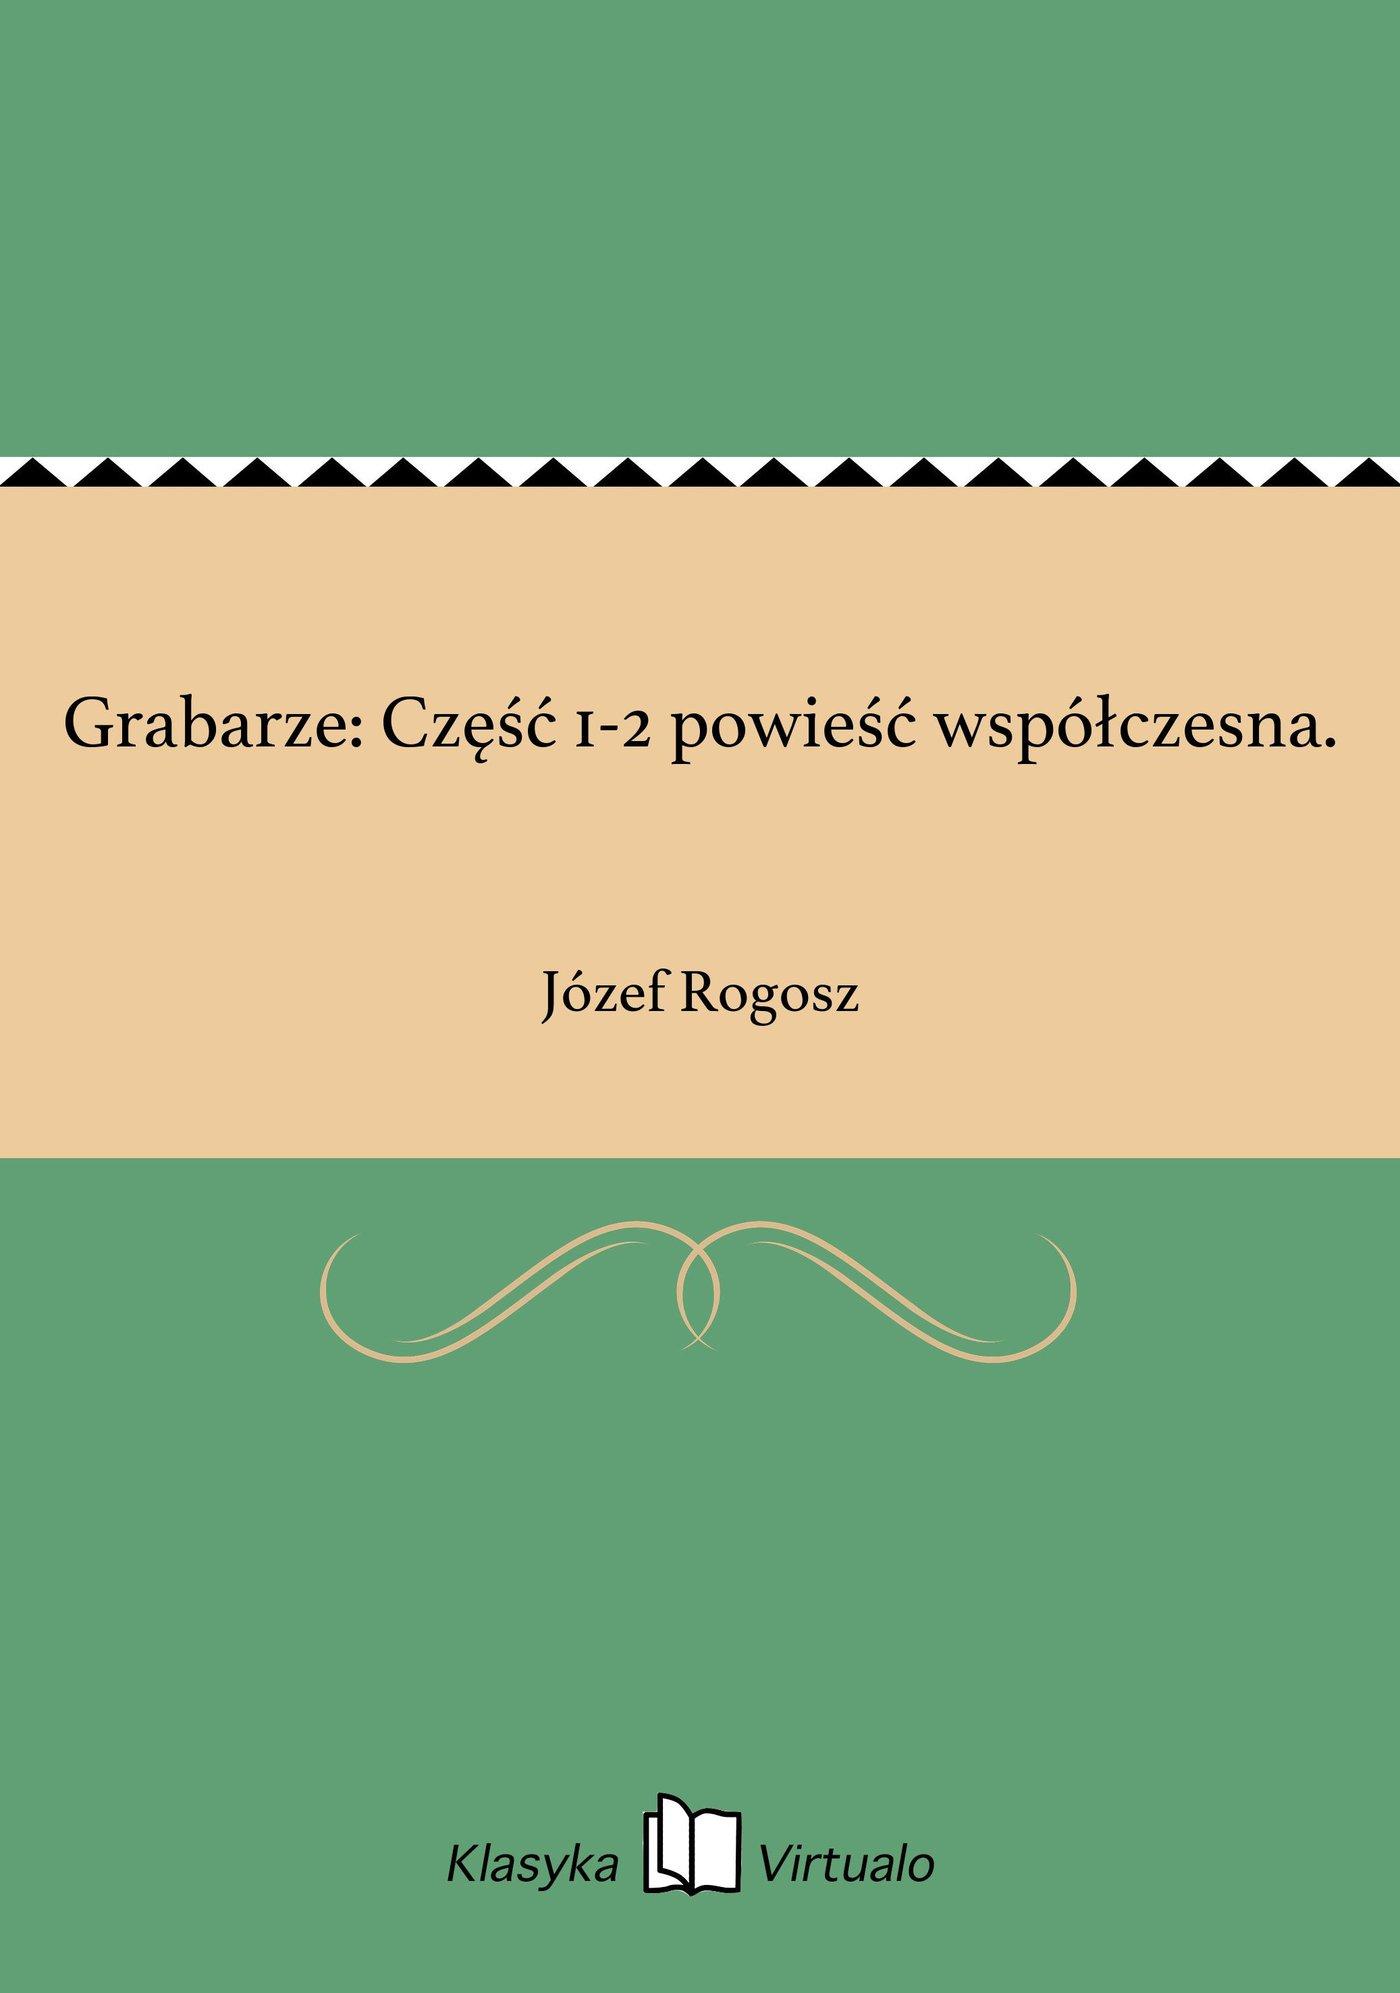 Grabarze: Część 1-2 powieść współczesna. - Ebook (Książka EPUB) do pobrania w formacie EPUB